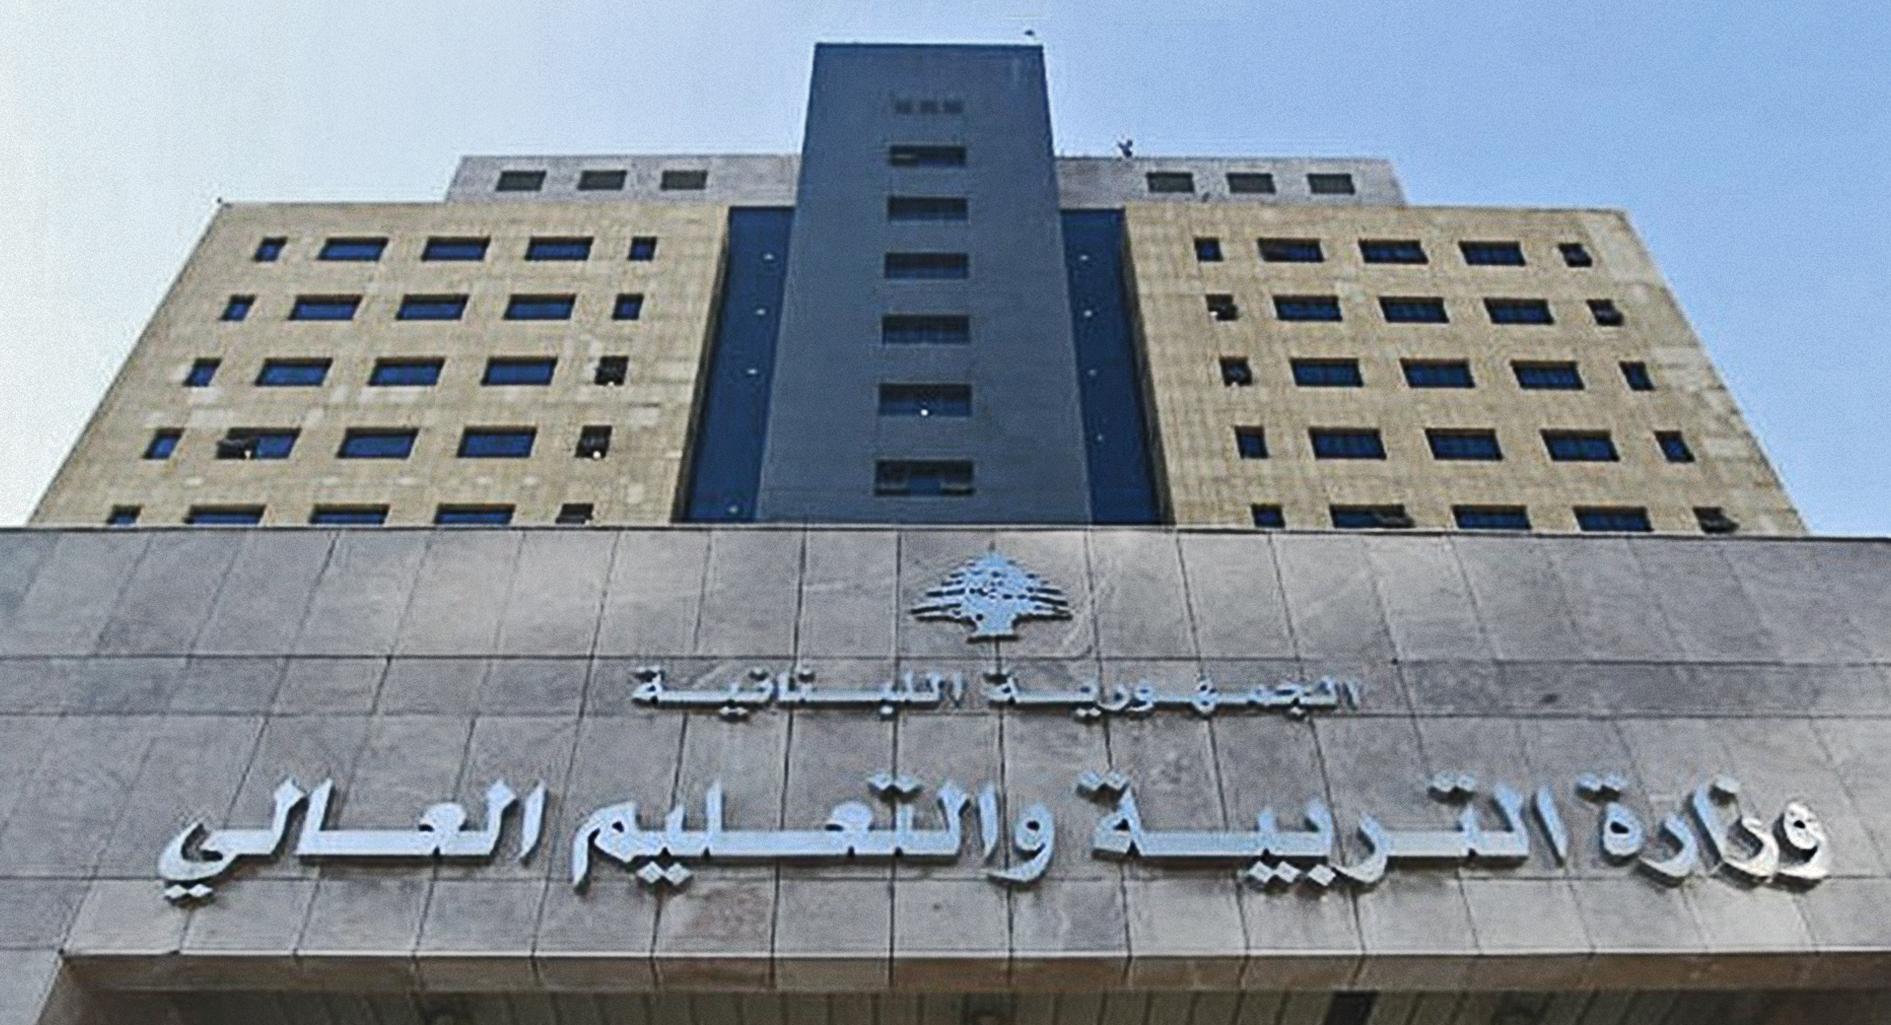 صورة وفاة مدير مصحة علاج إدمان بجرعة هيروين زائدة في الهرم